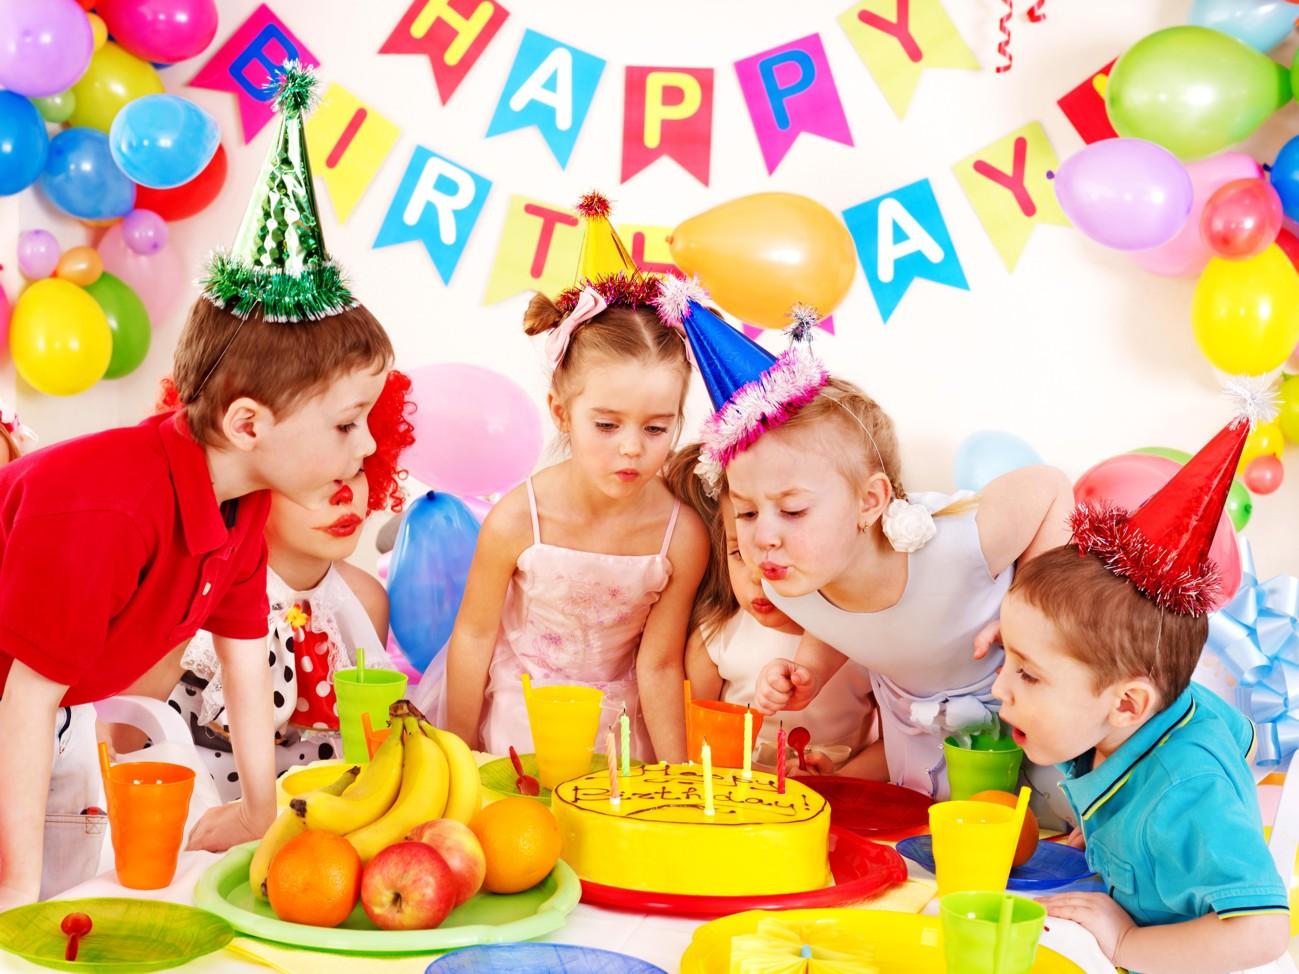 С днем рождения фото для детей, картинки заставку для